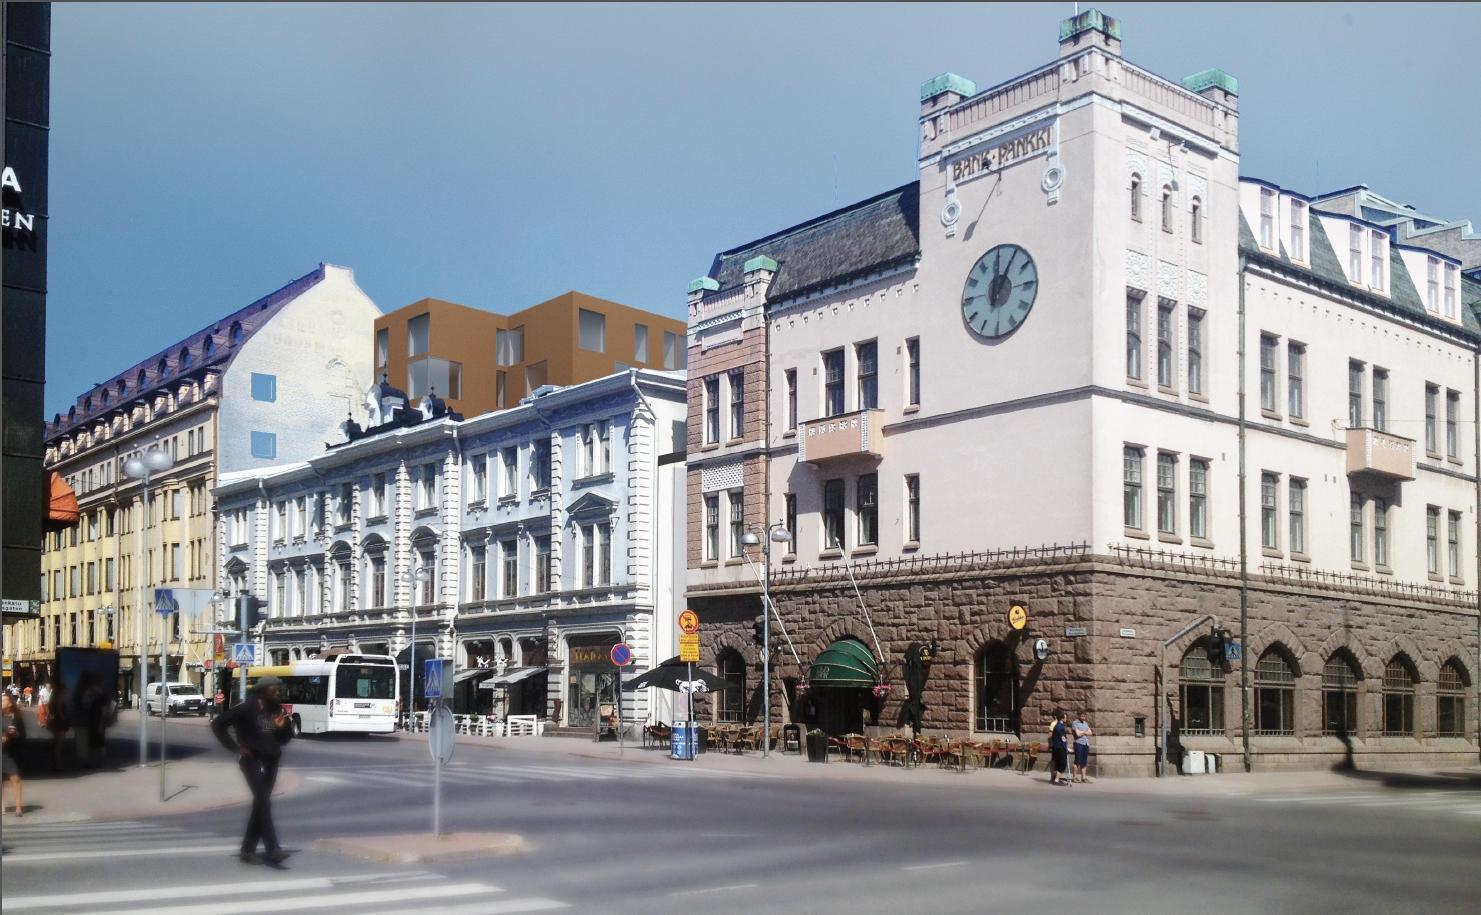 Hur och gata i stad